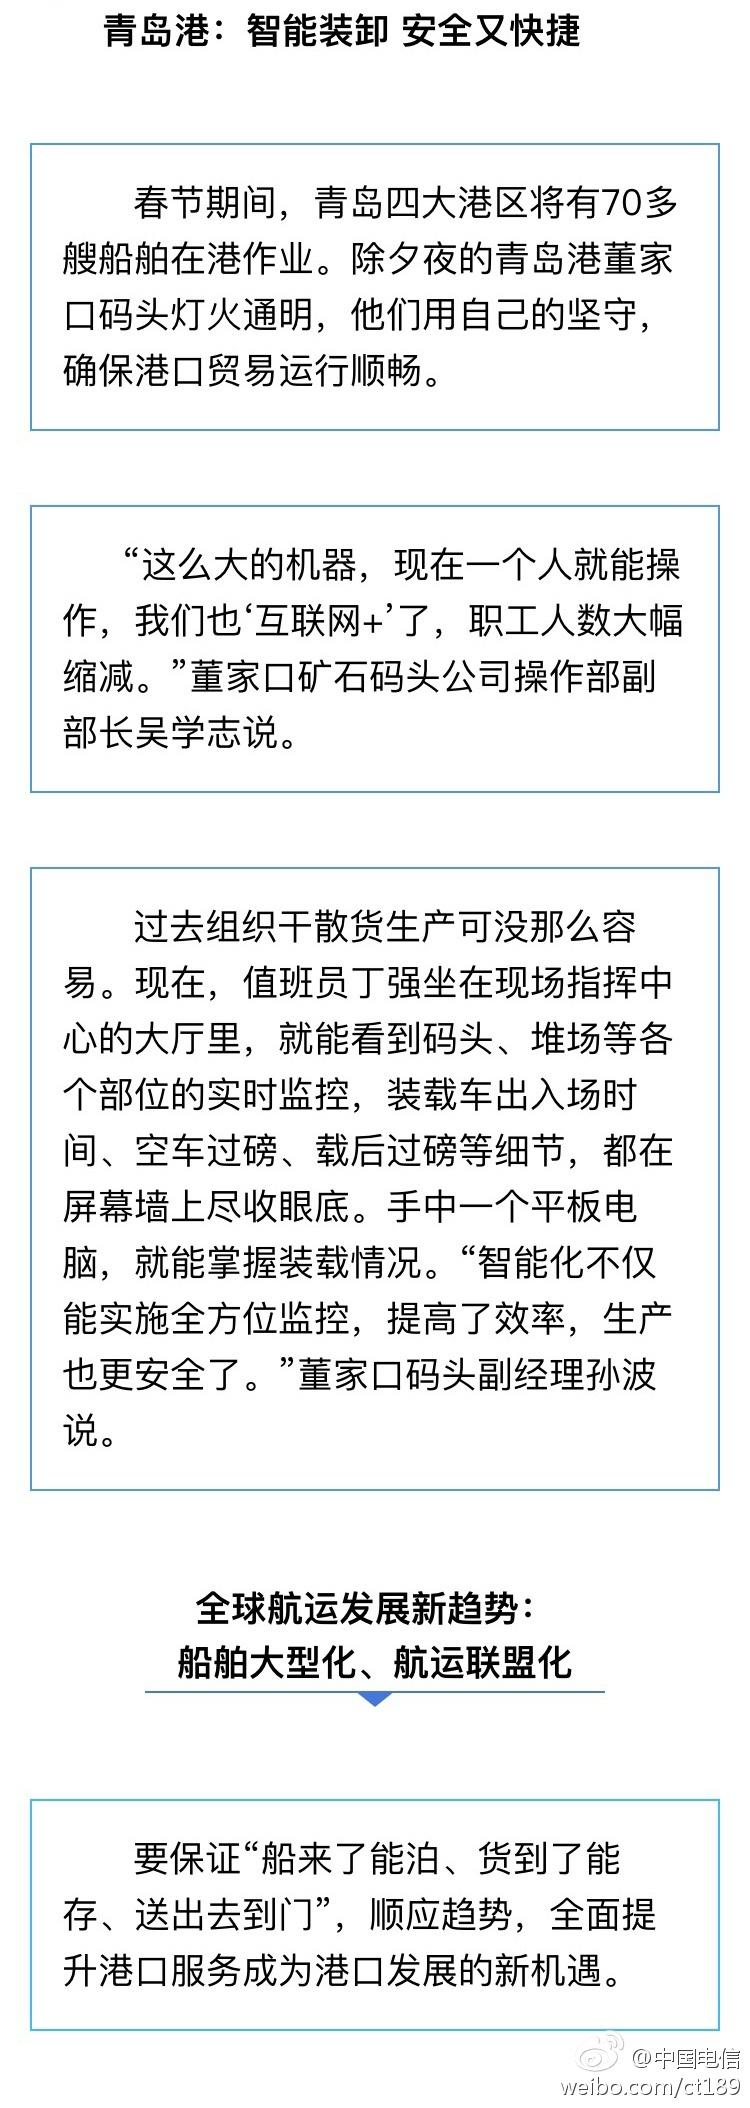 #宽带中国#手中一个平板电脑,就能掌握装载情况